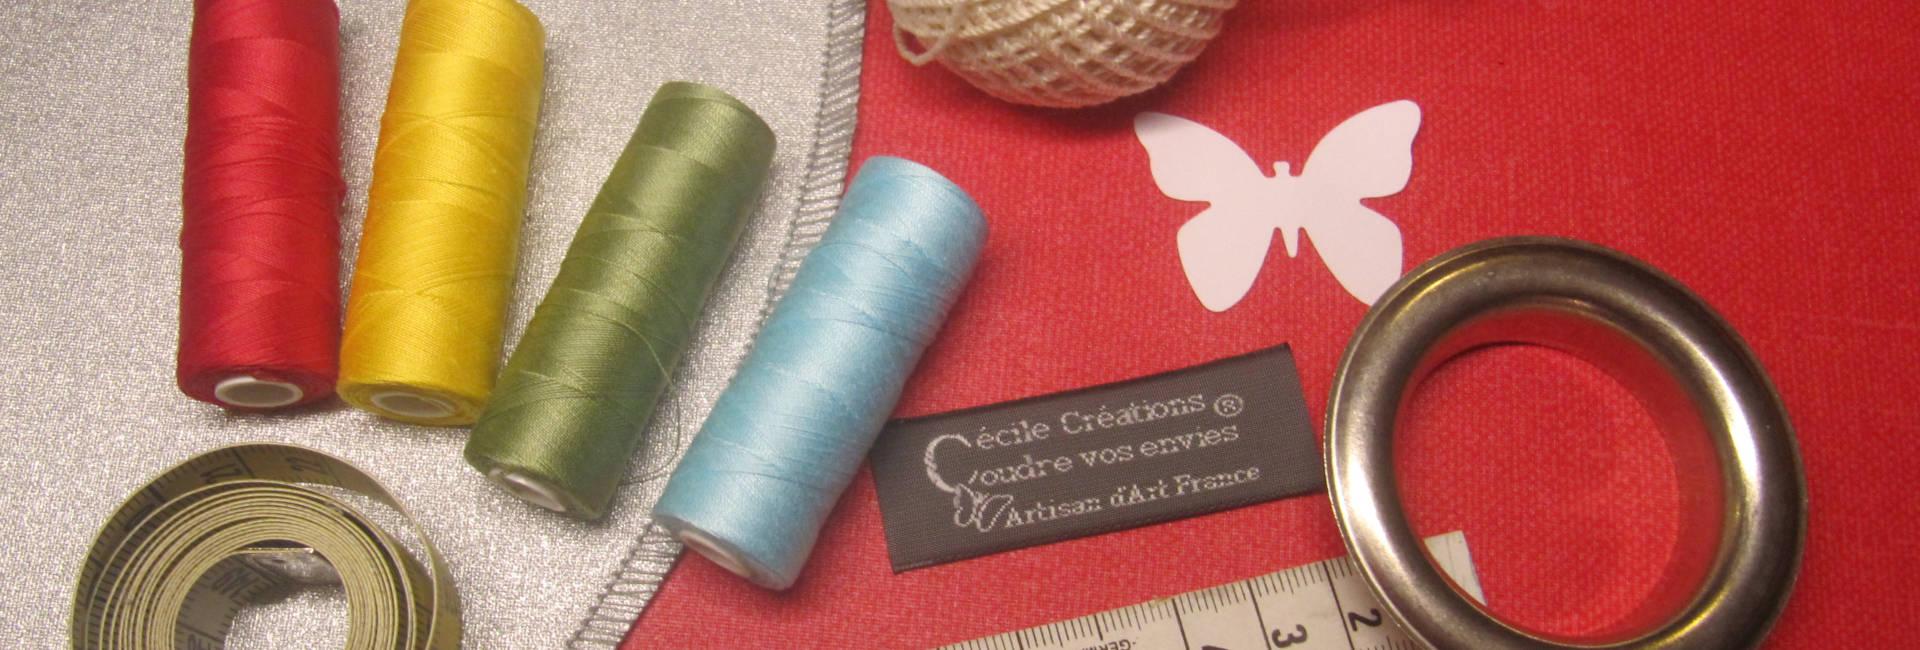 Atelier de couture fabricante de linge de maison